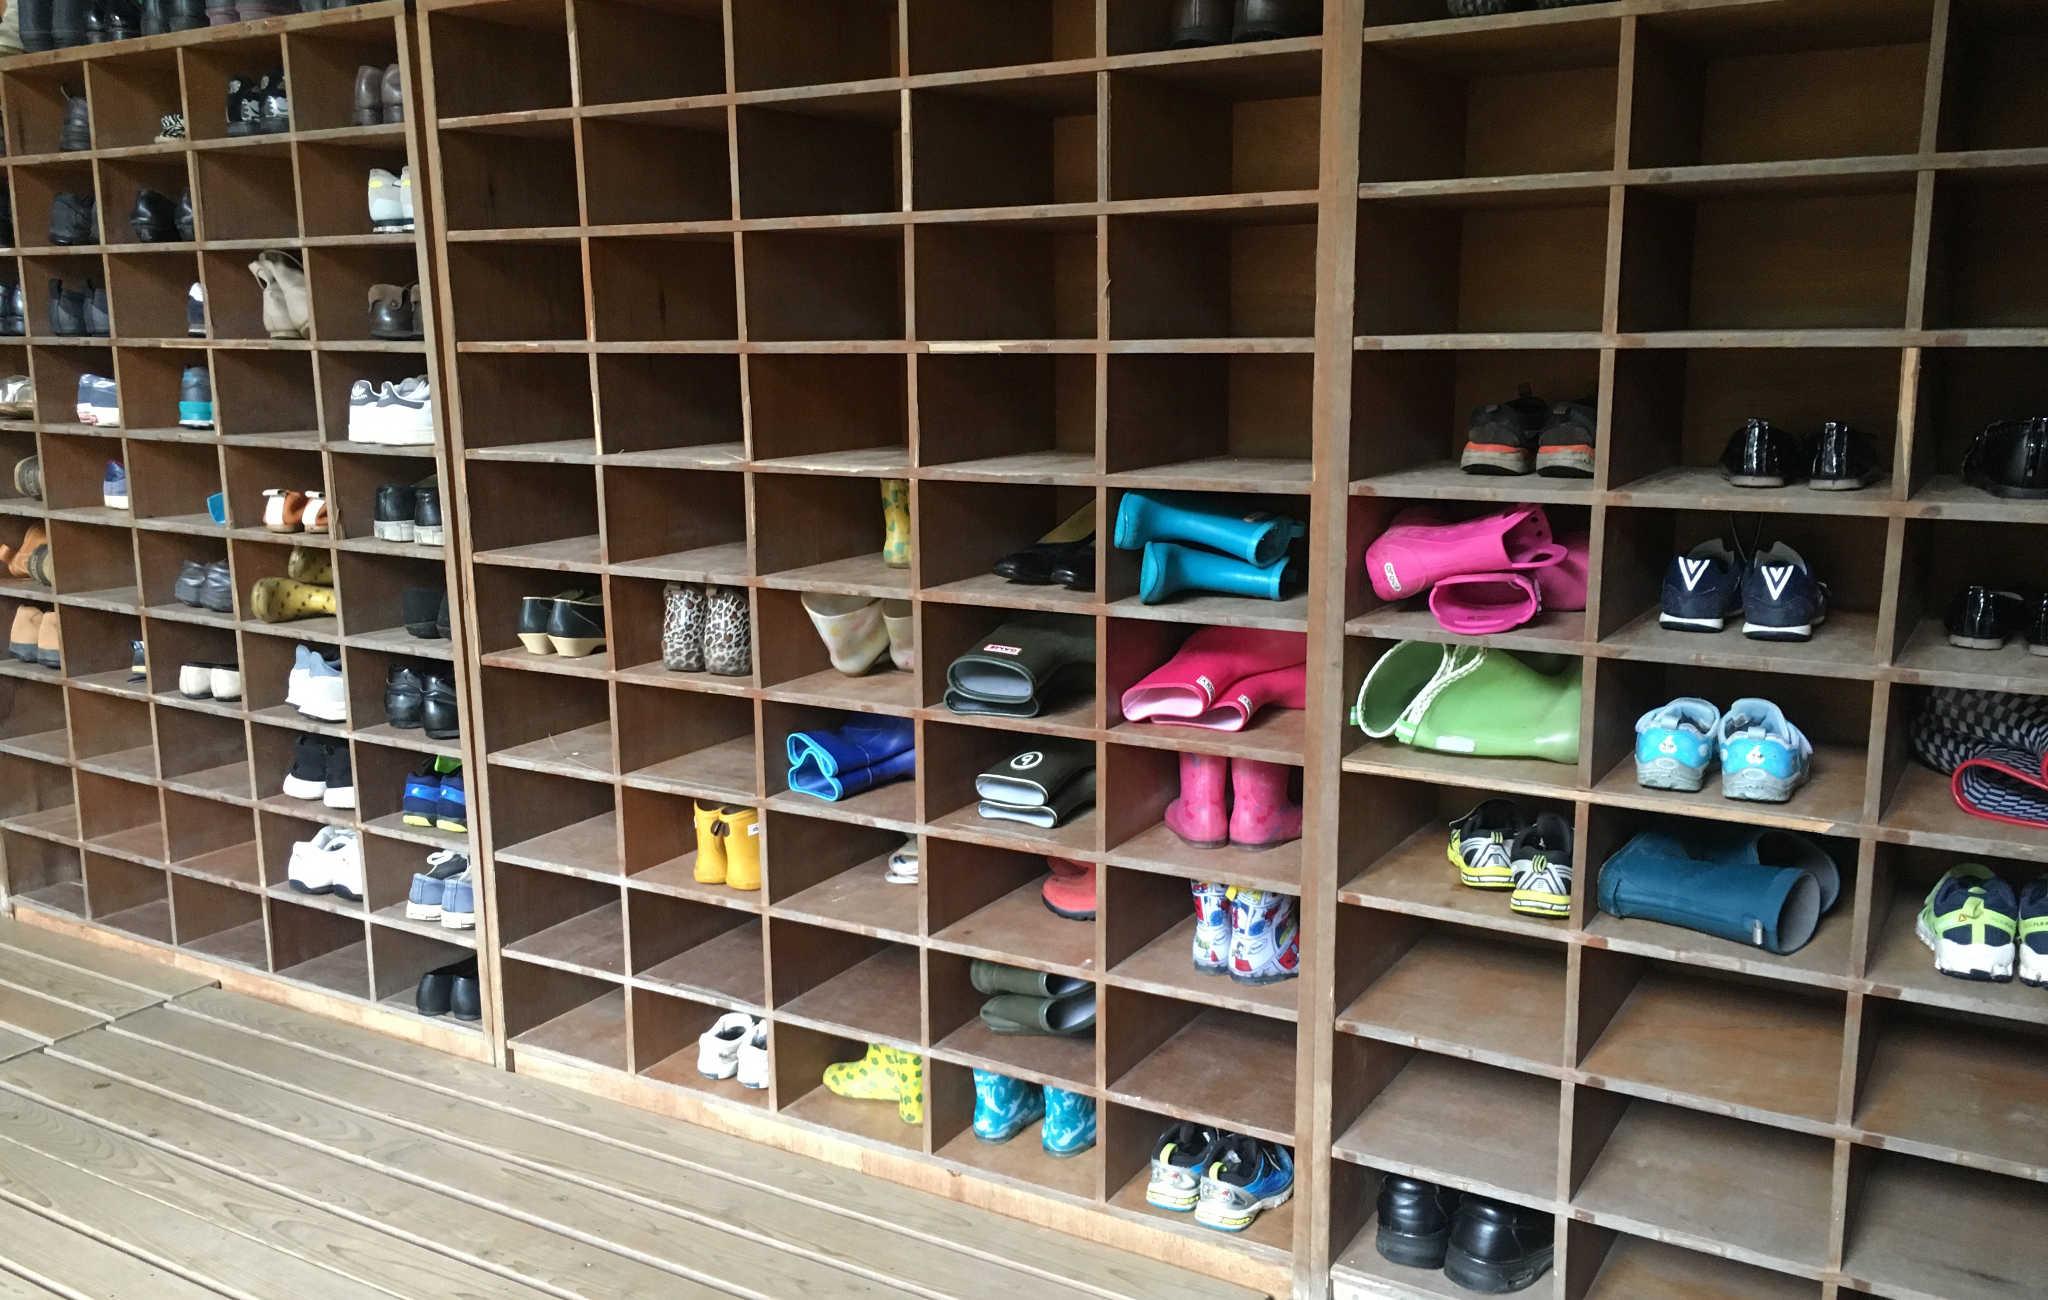 Comment Ranger Ses Chaussures pourquoi les japonais enl�vent-ils leurs chaussures � l